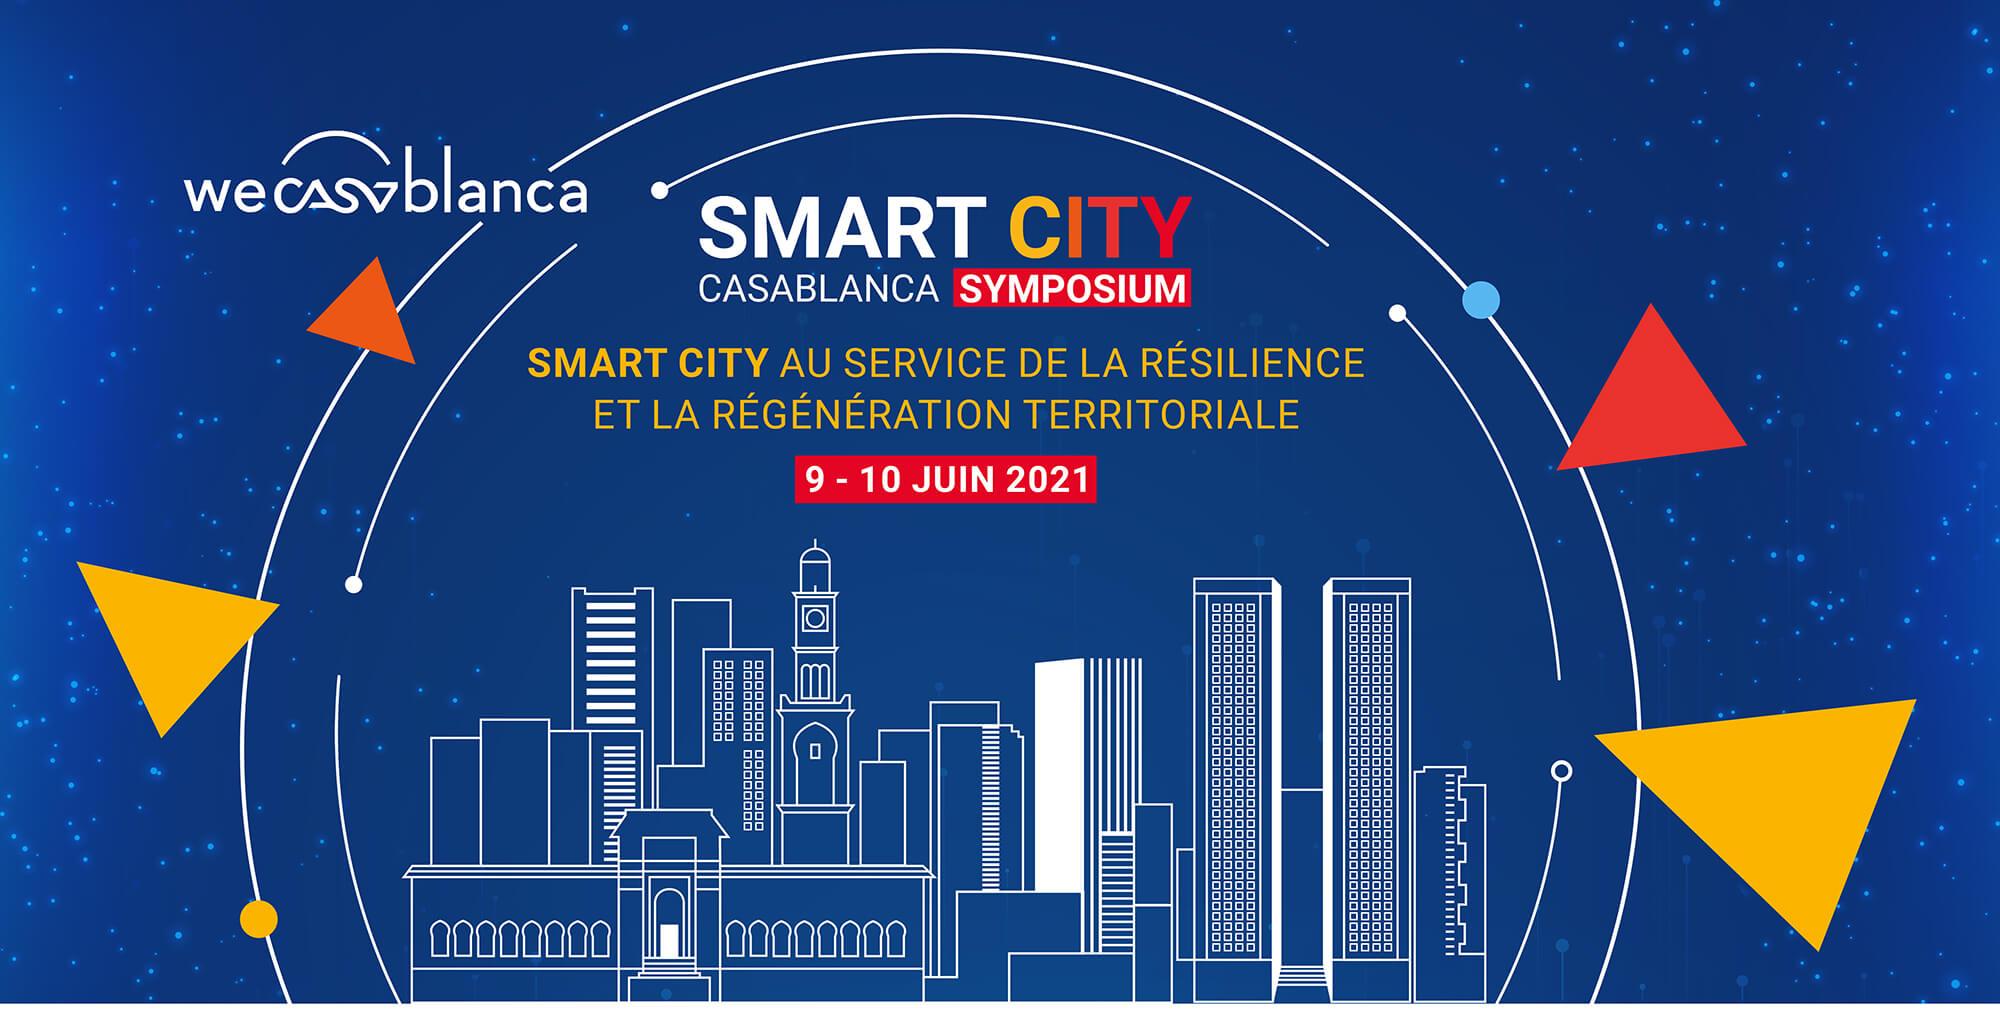 Smart City Casablanca Symposium